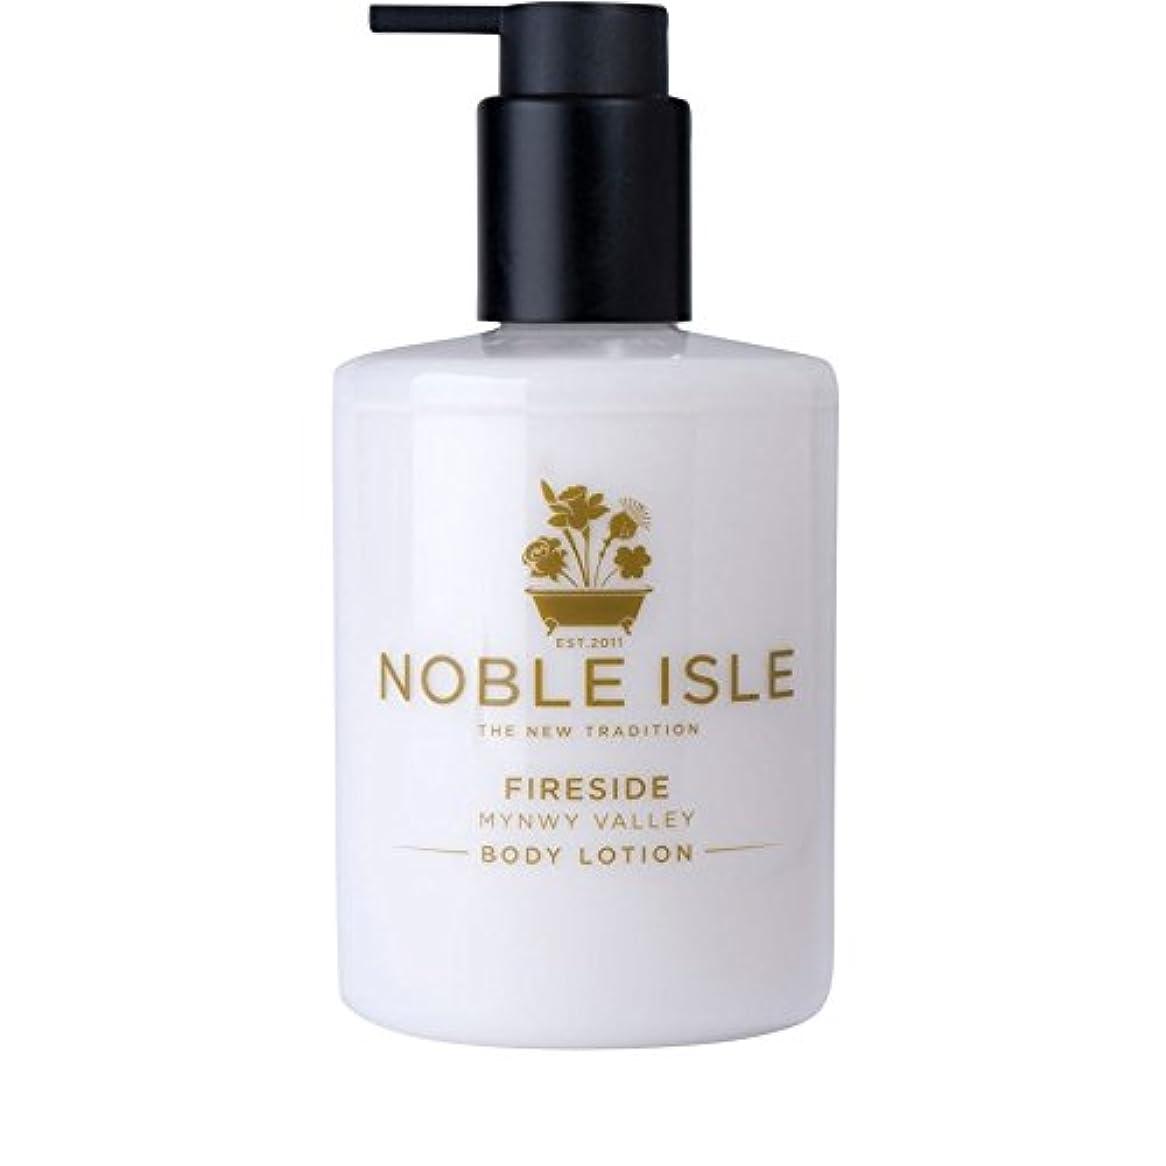 上へ債務貞Noble Isle Fireside Mynwy Valley Body Lotion 250ml - 高貴な島炉端谷のボディローション250ミリリットル [並行輸入品]